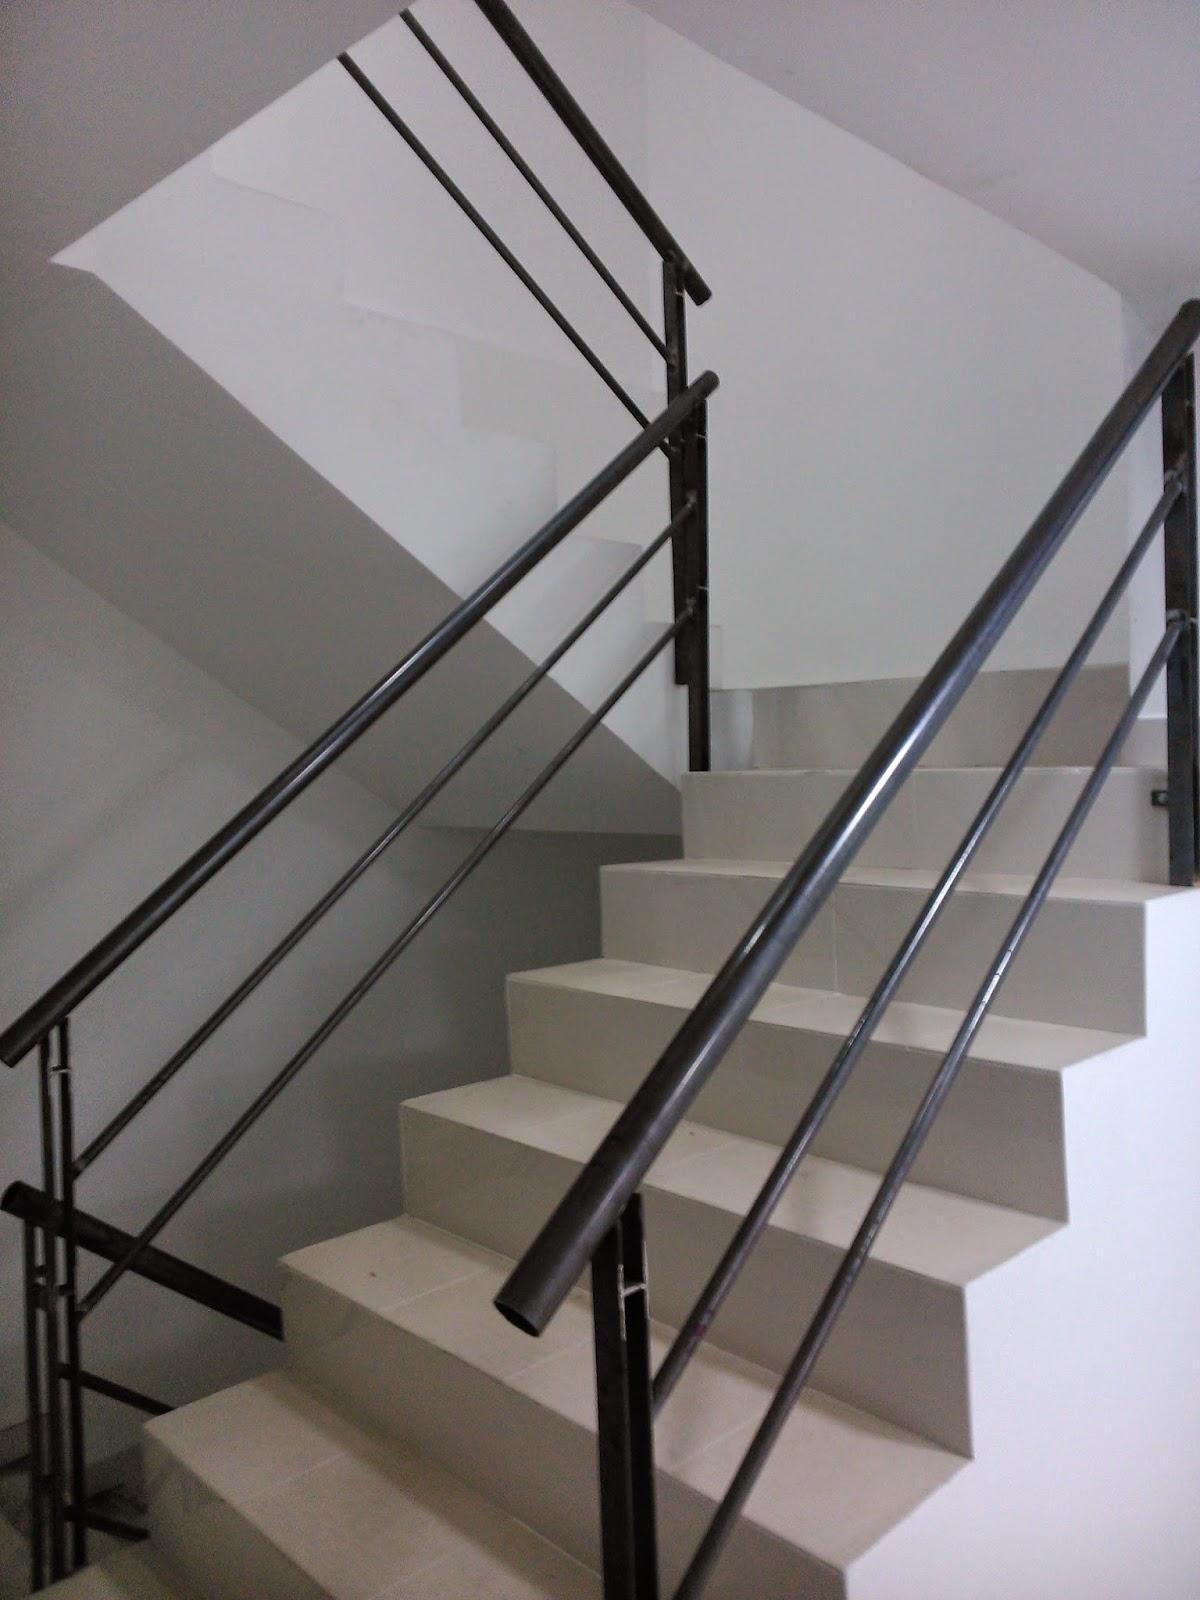 Indumetalicas martinez y palau escaleras y barandas - Barandas de escaleras de madera ...